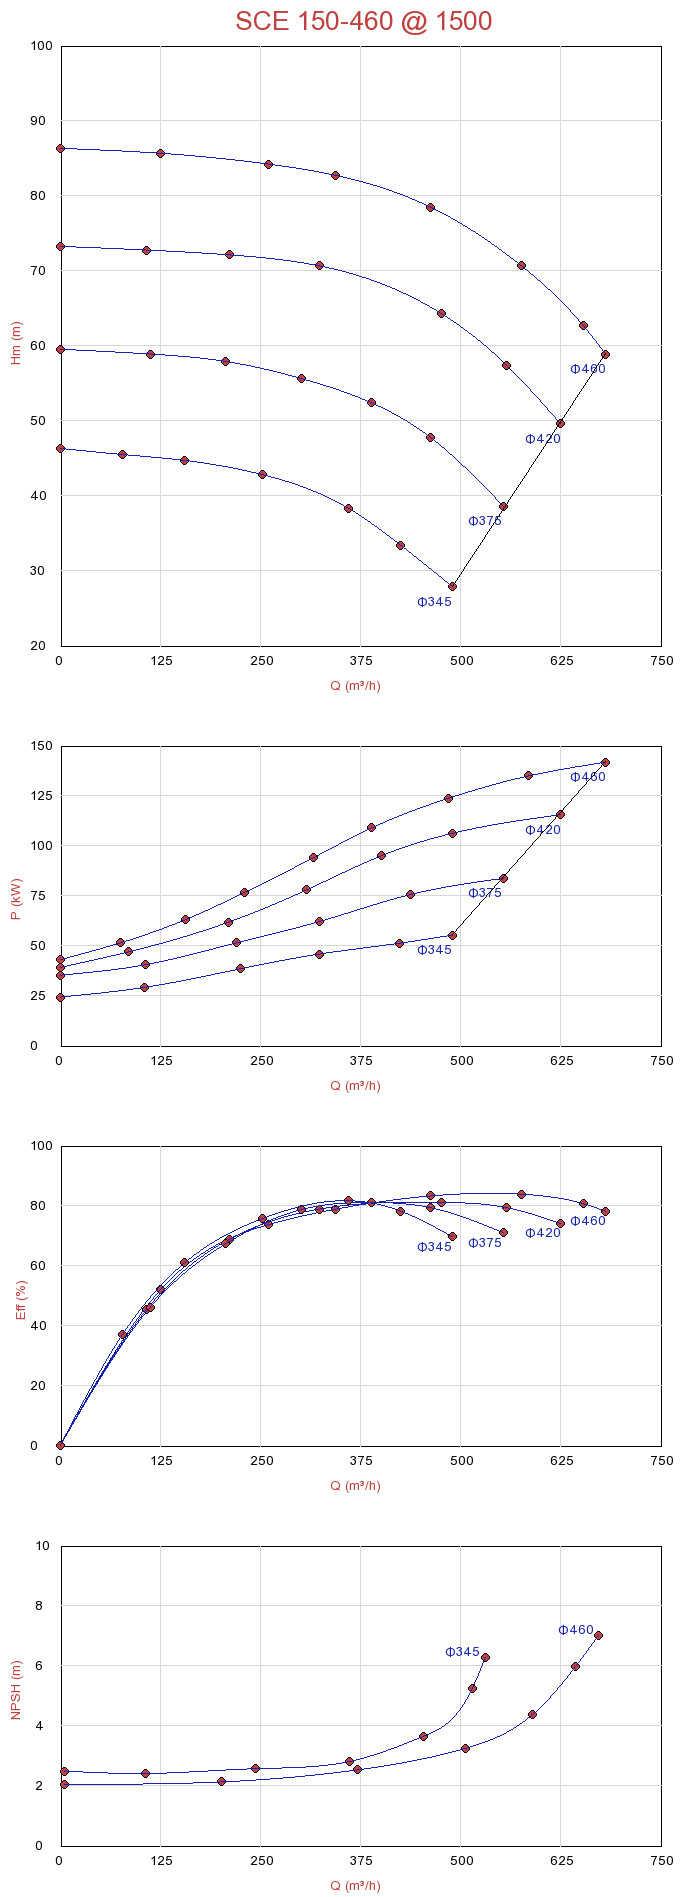 Biểu đồ lưu lượng máy bơm ly tâm hút đôi Sempa SCE 150-460